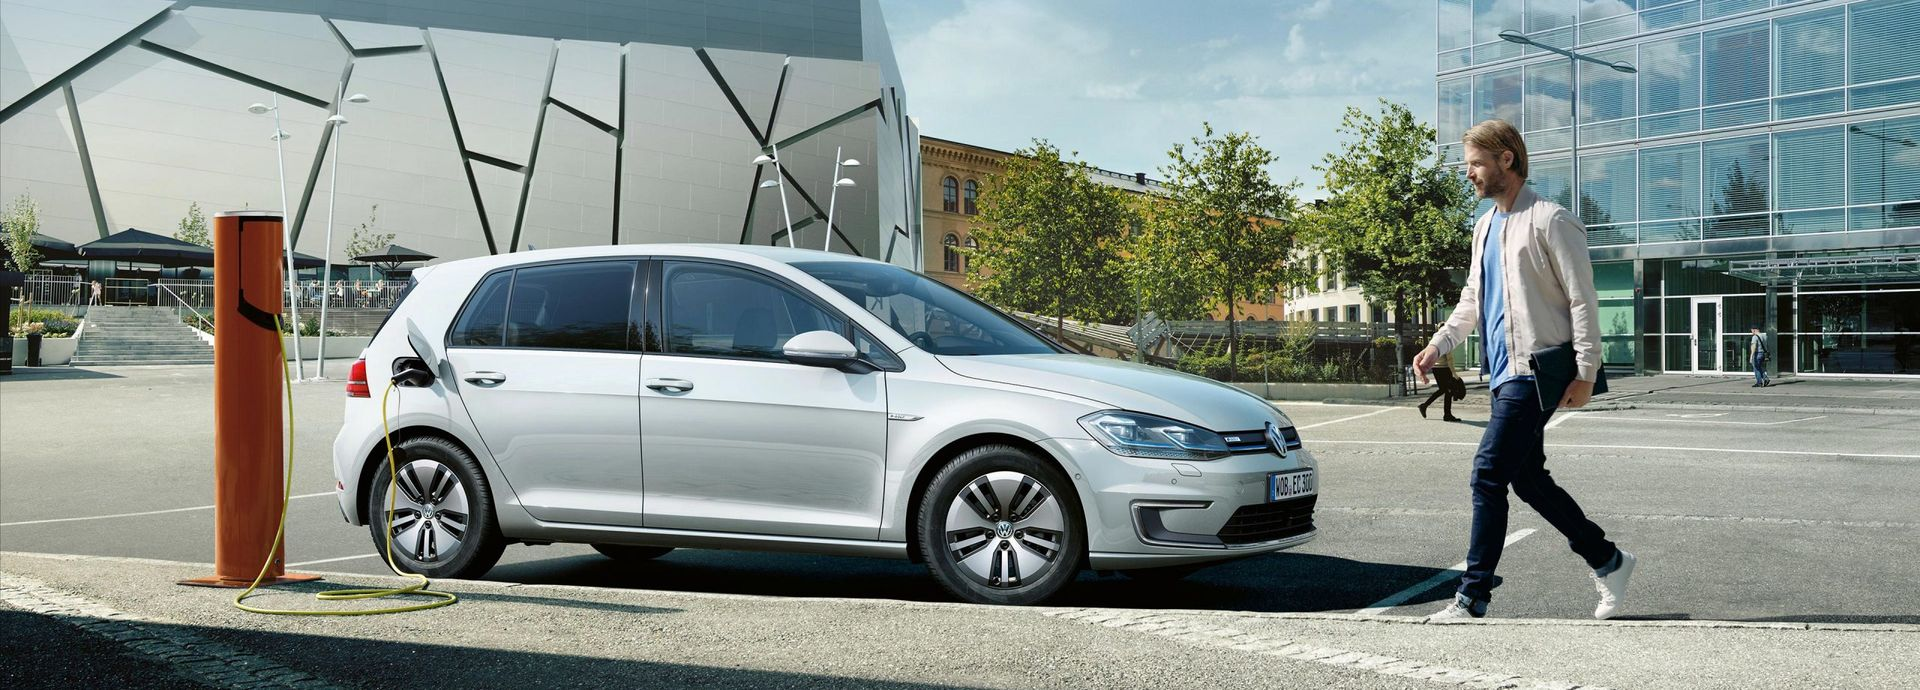 Elektrofahrzeuge und Hybridautos von Volkswagen | Auto Senger